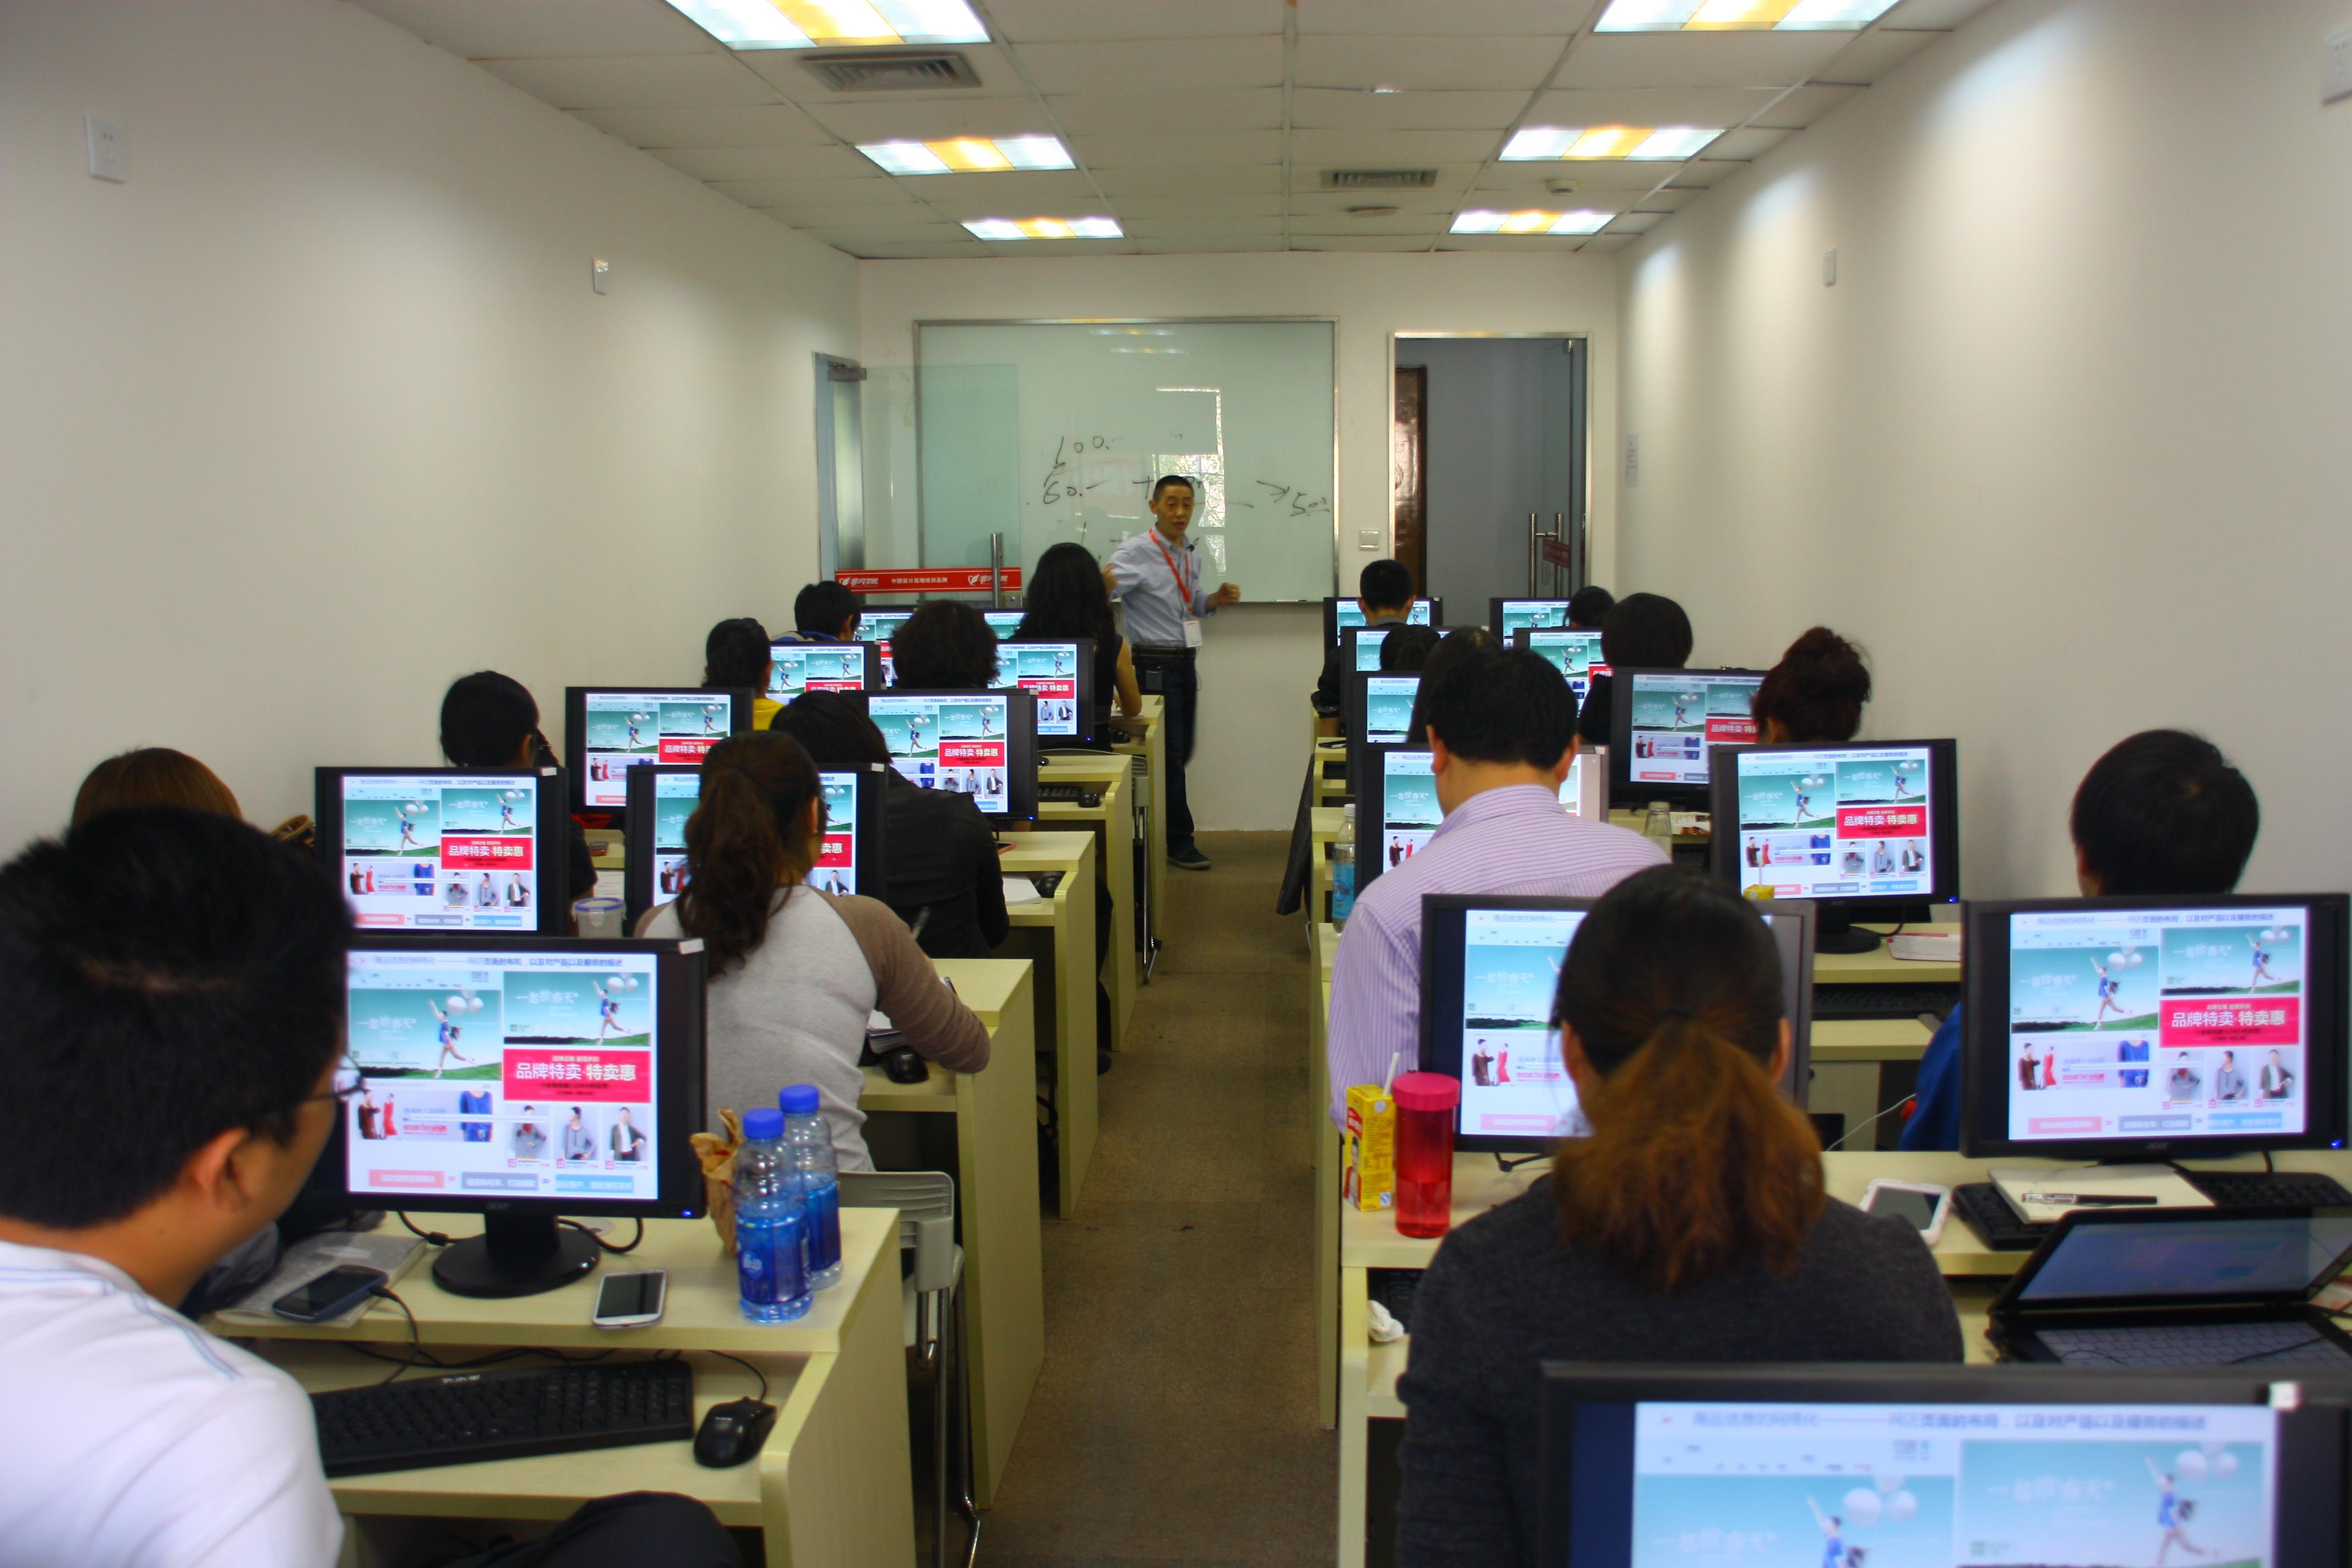 上海平面设计培训班-非凡集团企业团训学院-中